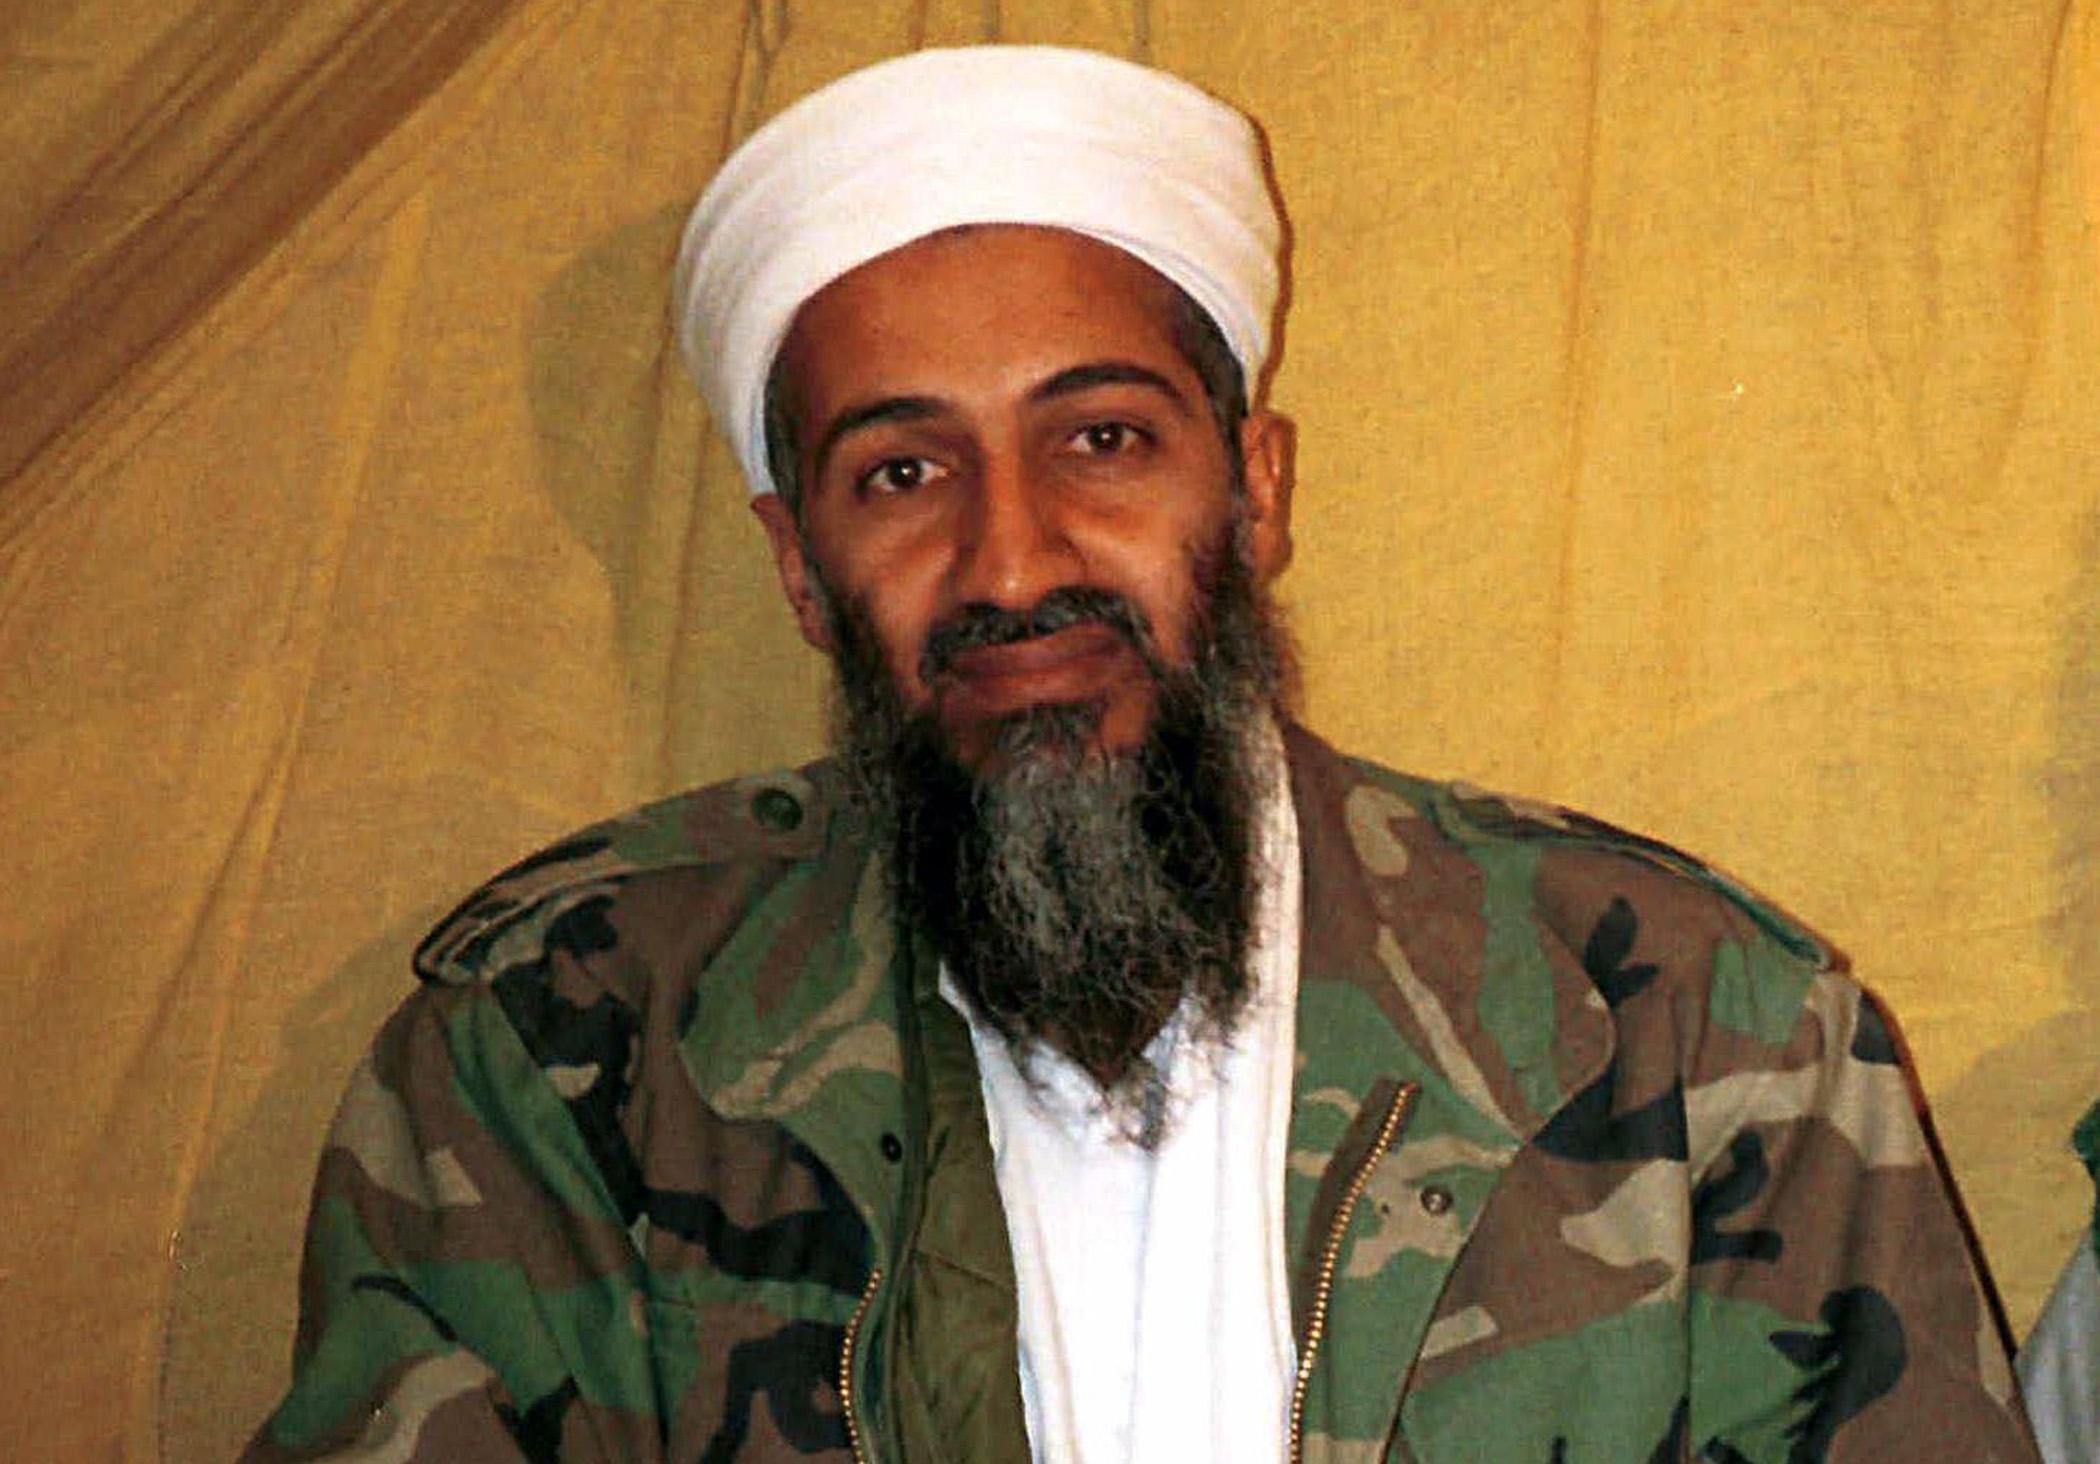 Osama bin Laden in Afghanistan.